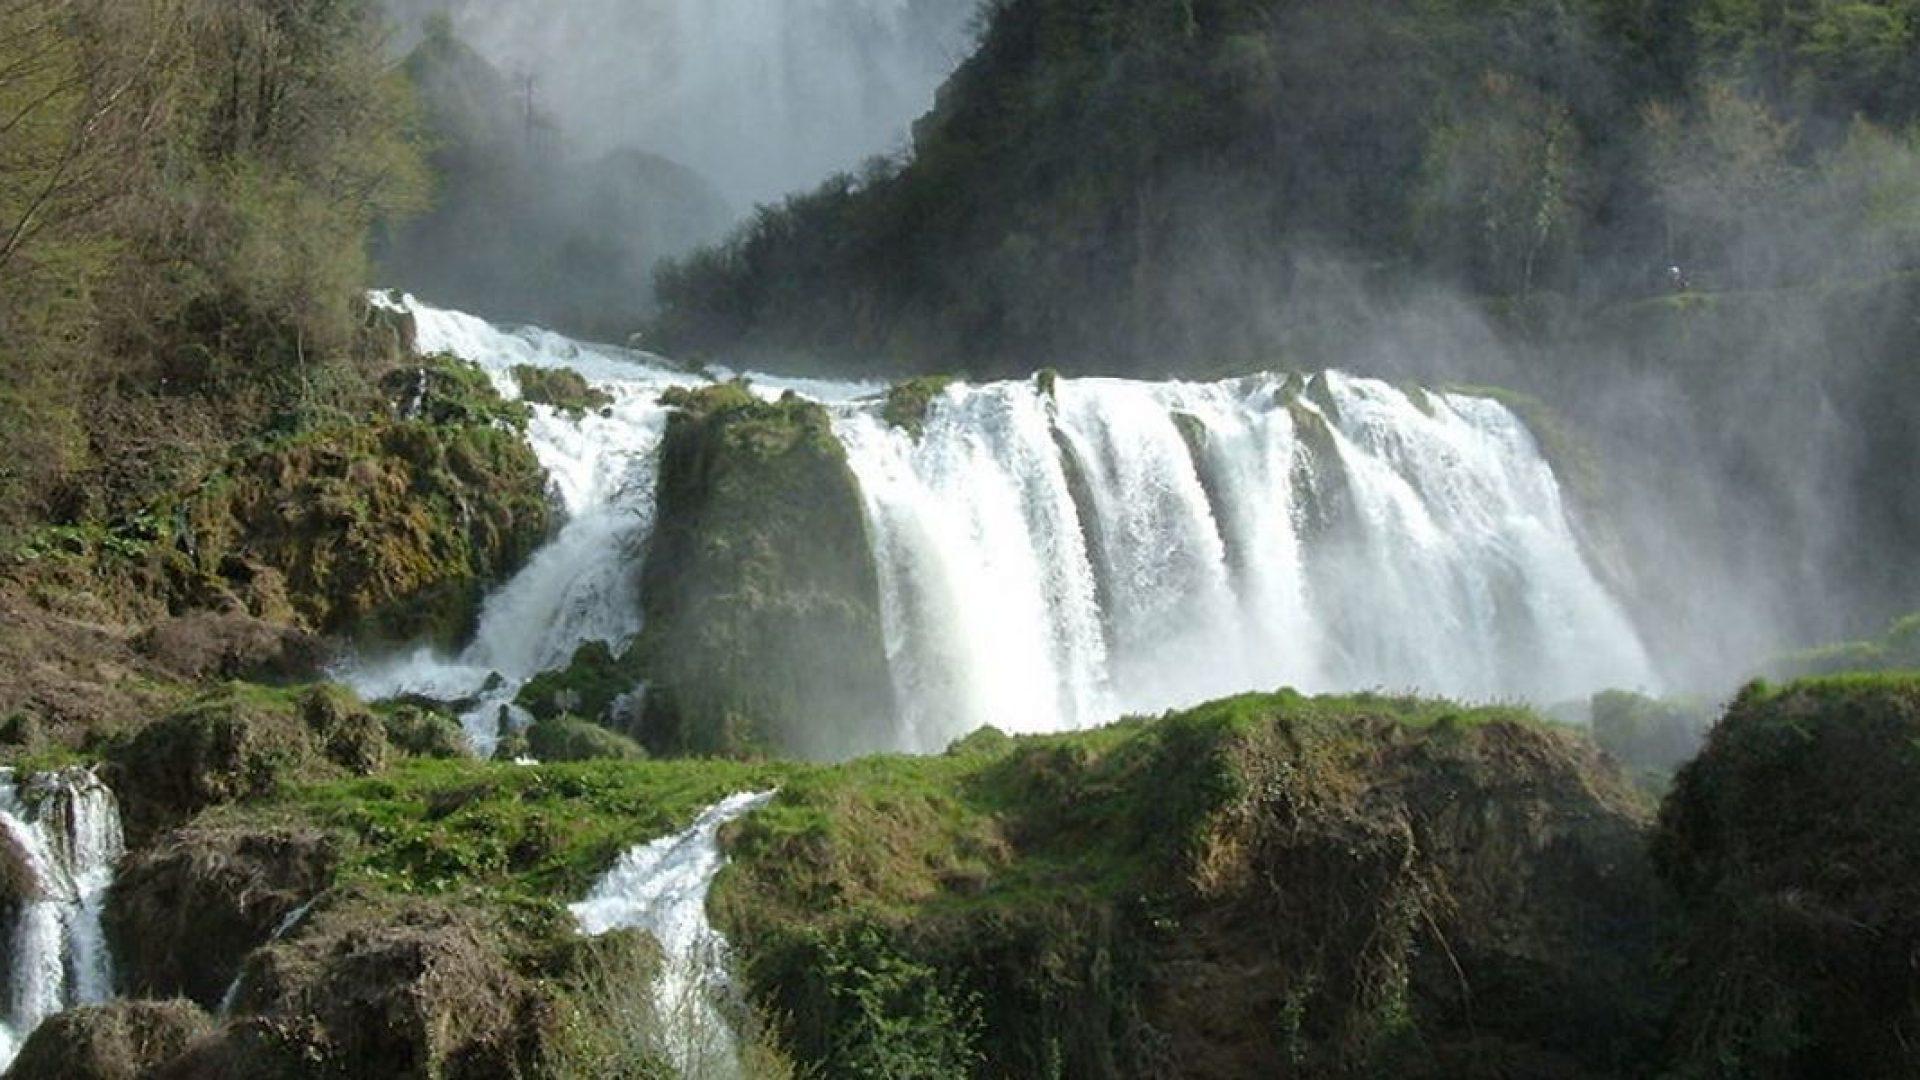 Parco fluviale del Nera - Villamena Resort Assisi